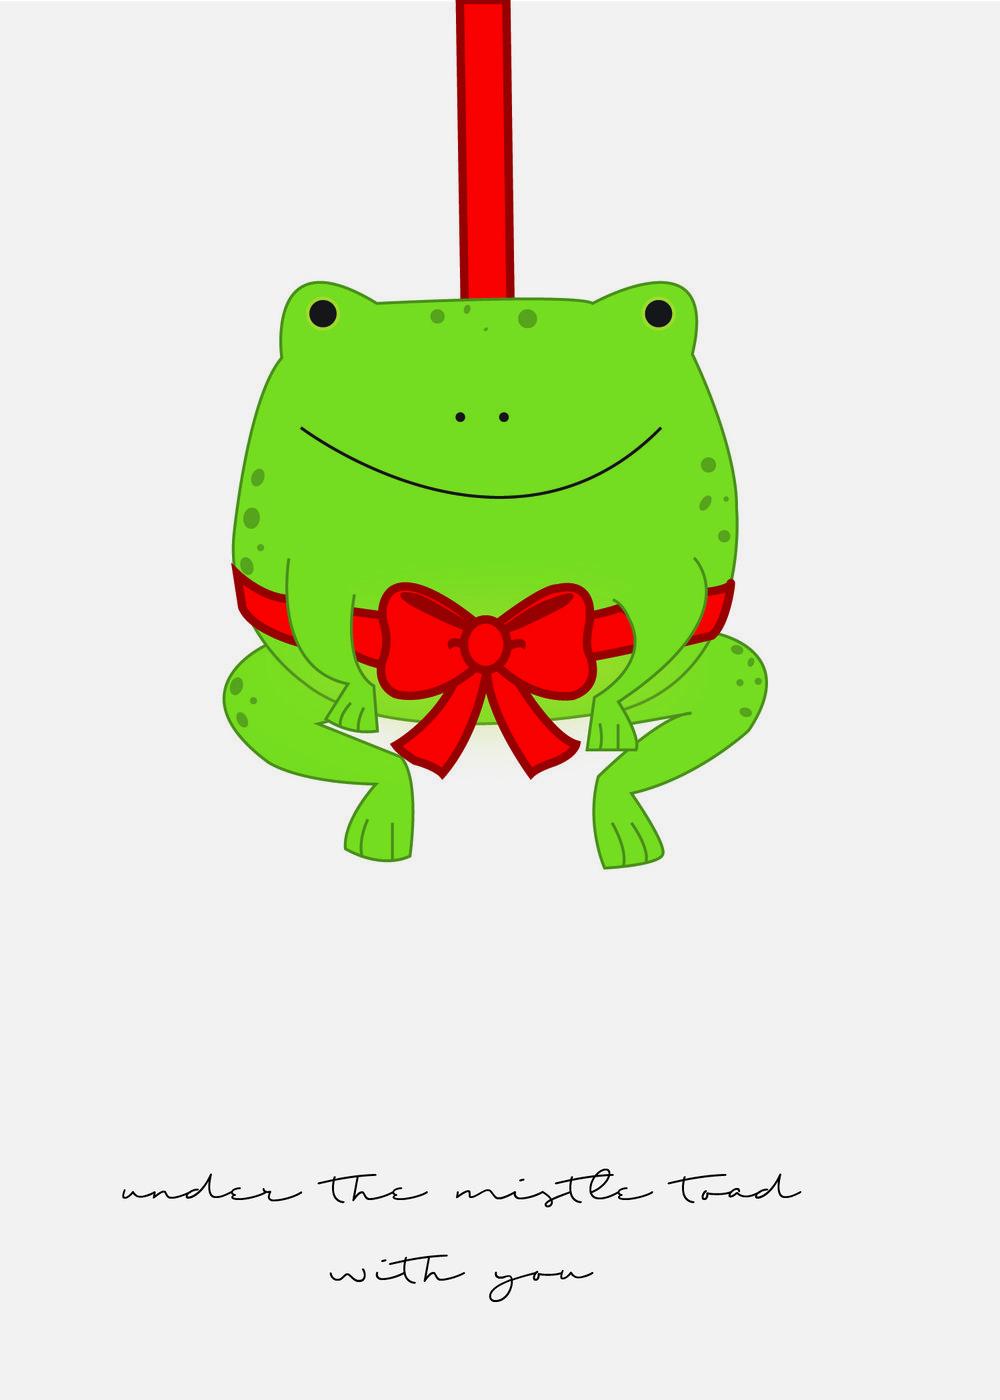 Niemeyer_mistle toad-01.jpg